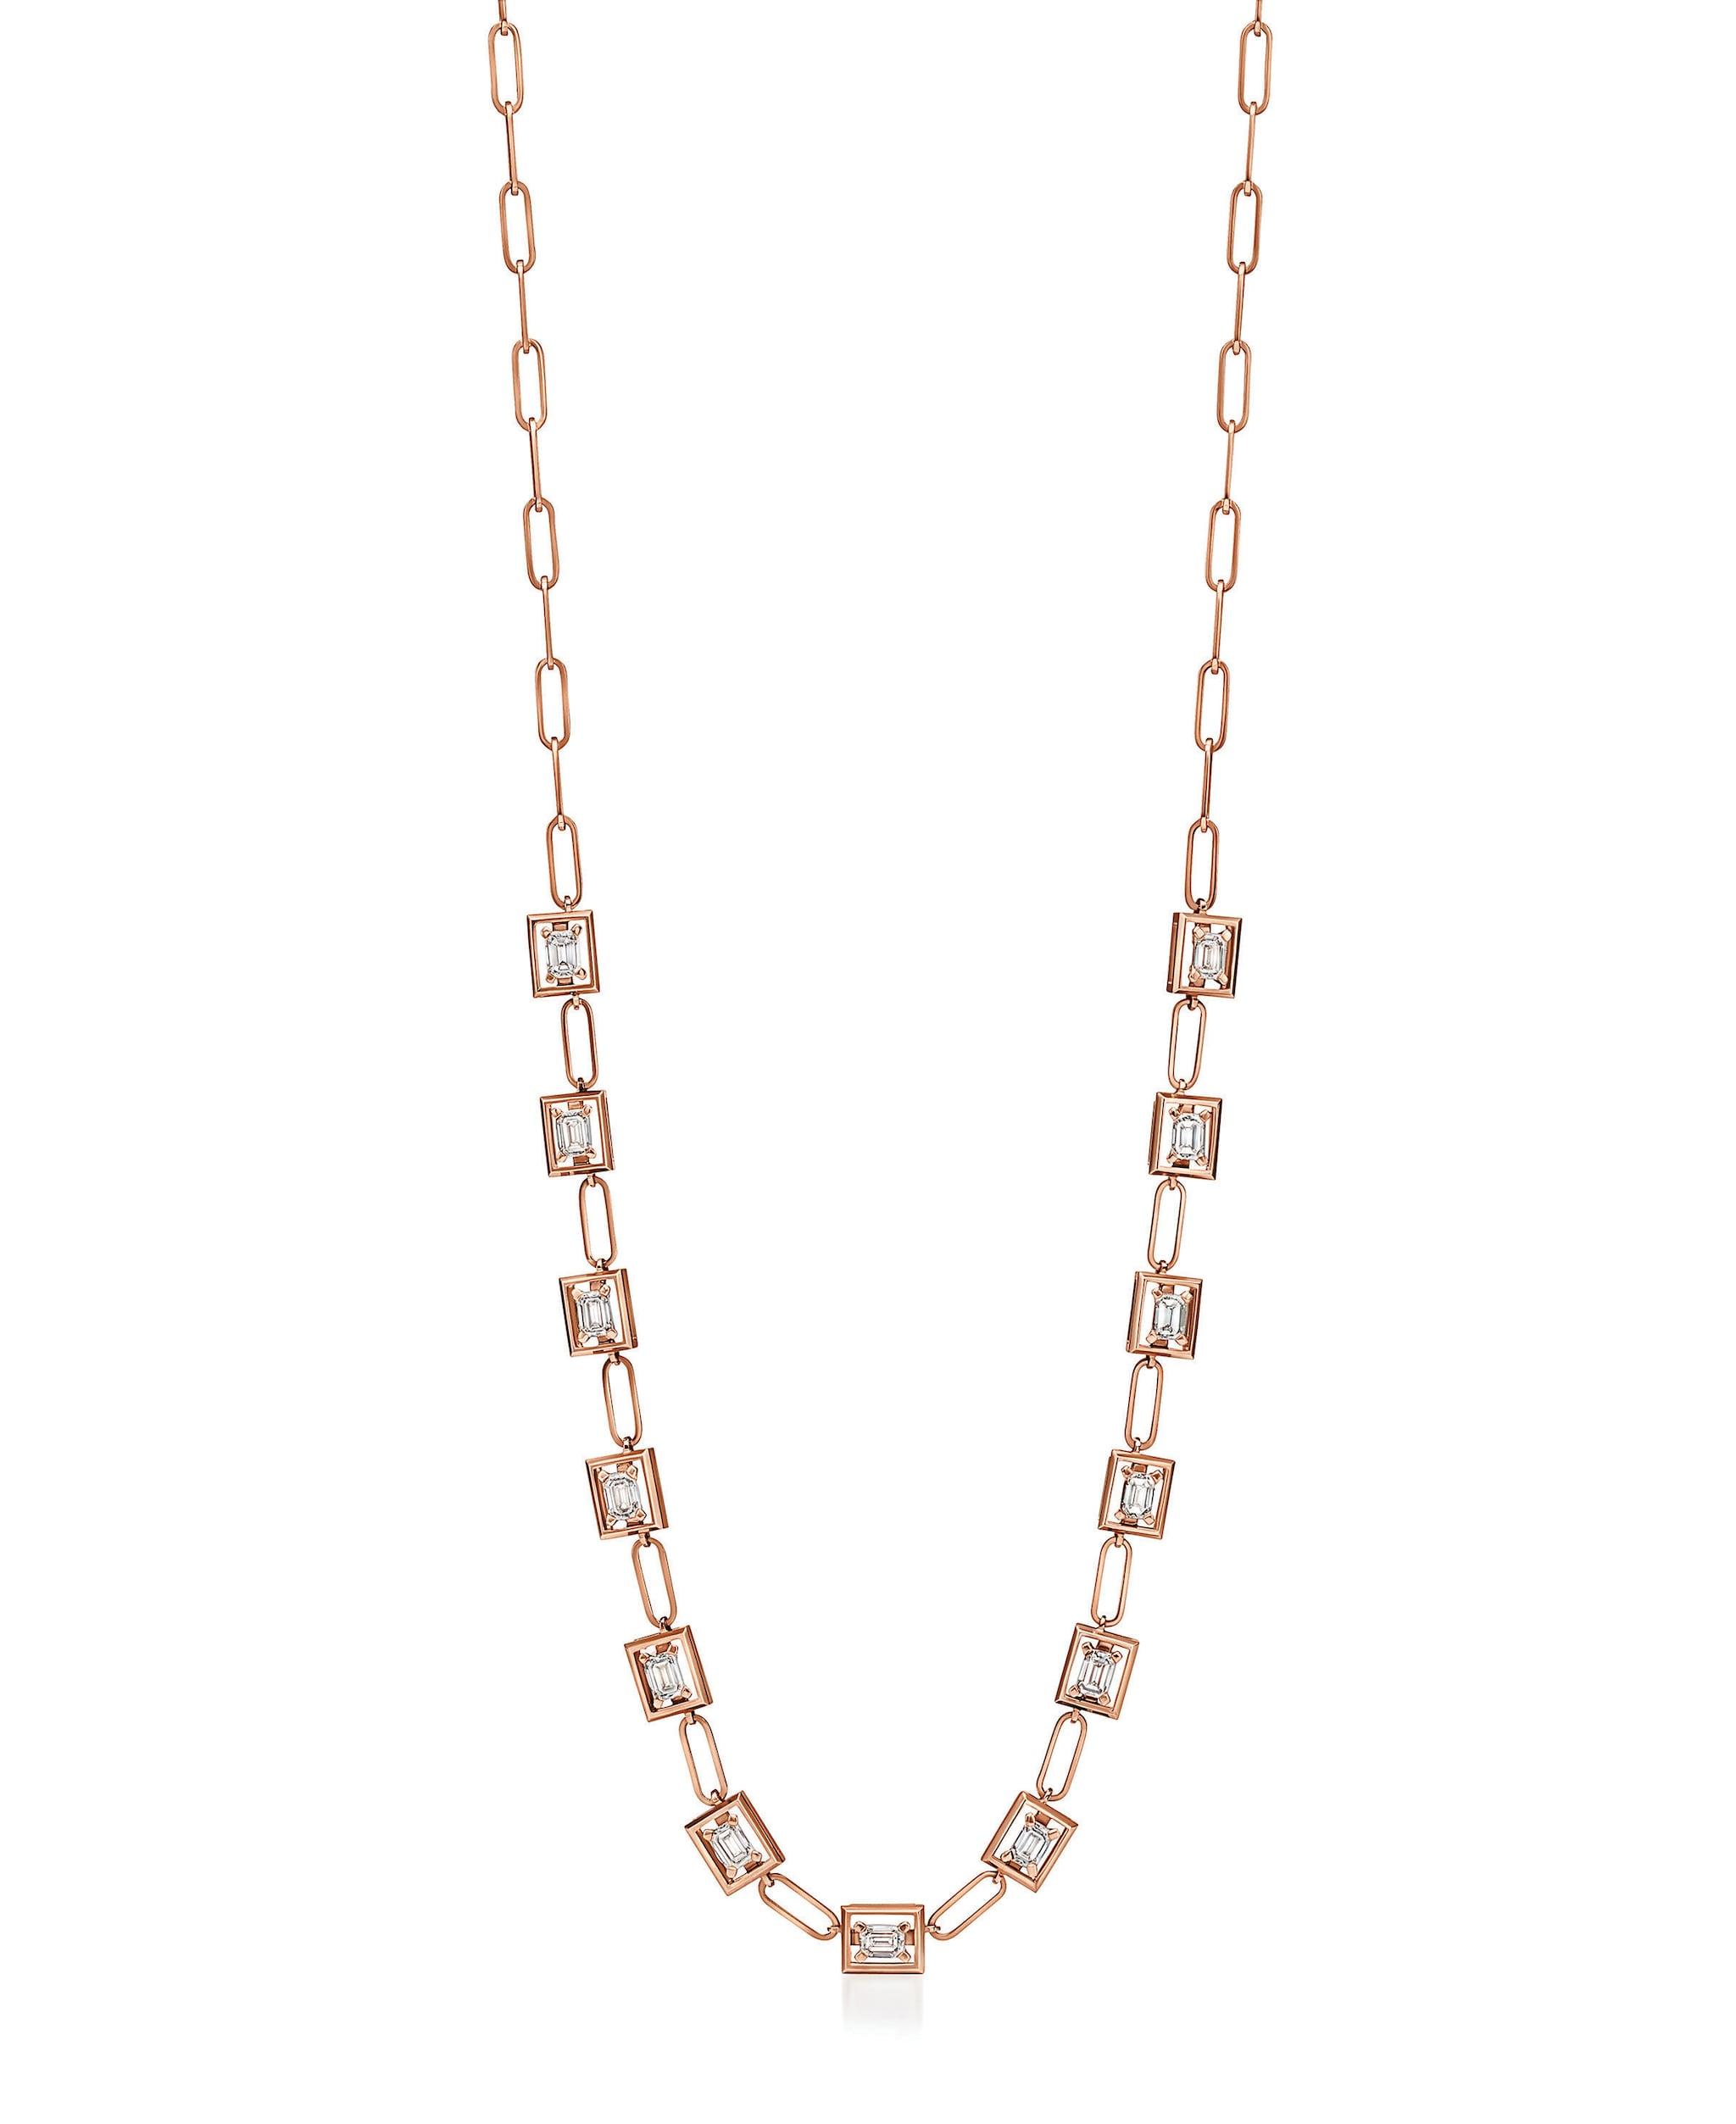 Tiffany & Co. Collana Jewel Box in oro rosa con diamanti sospesi incorniciati dal castone.